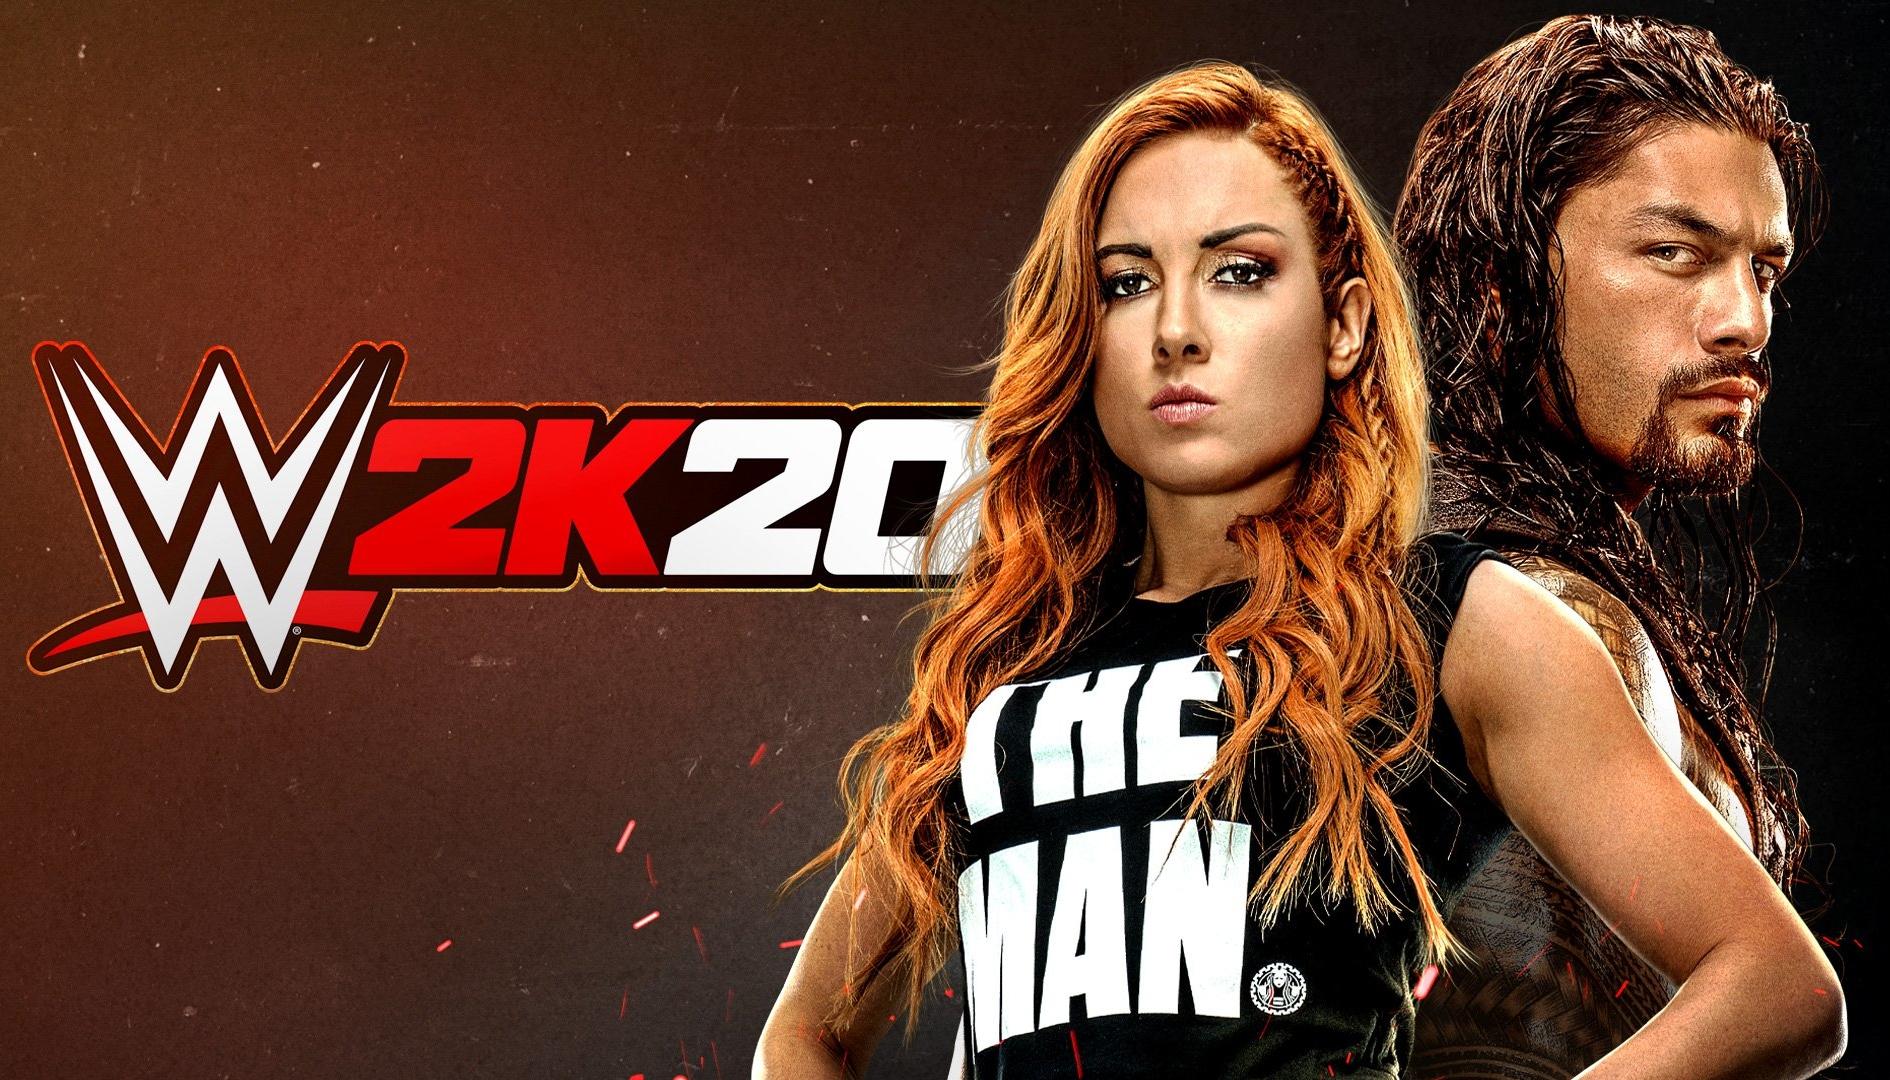 WWE 2K20, il titolo si è rivelato un disastro sia a livello economico che qualitativo per Take-Two